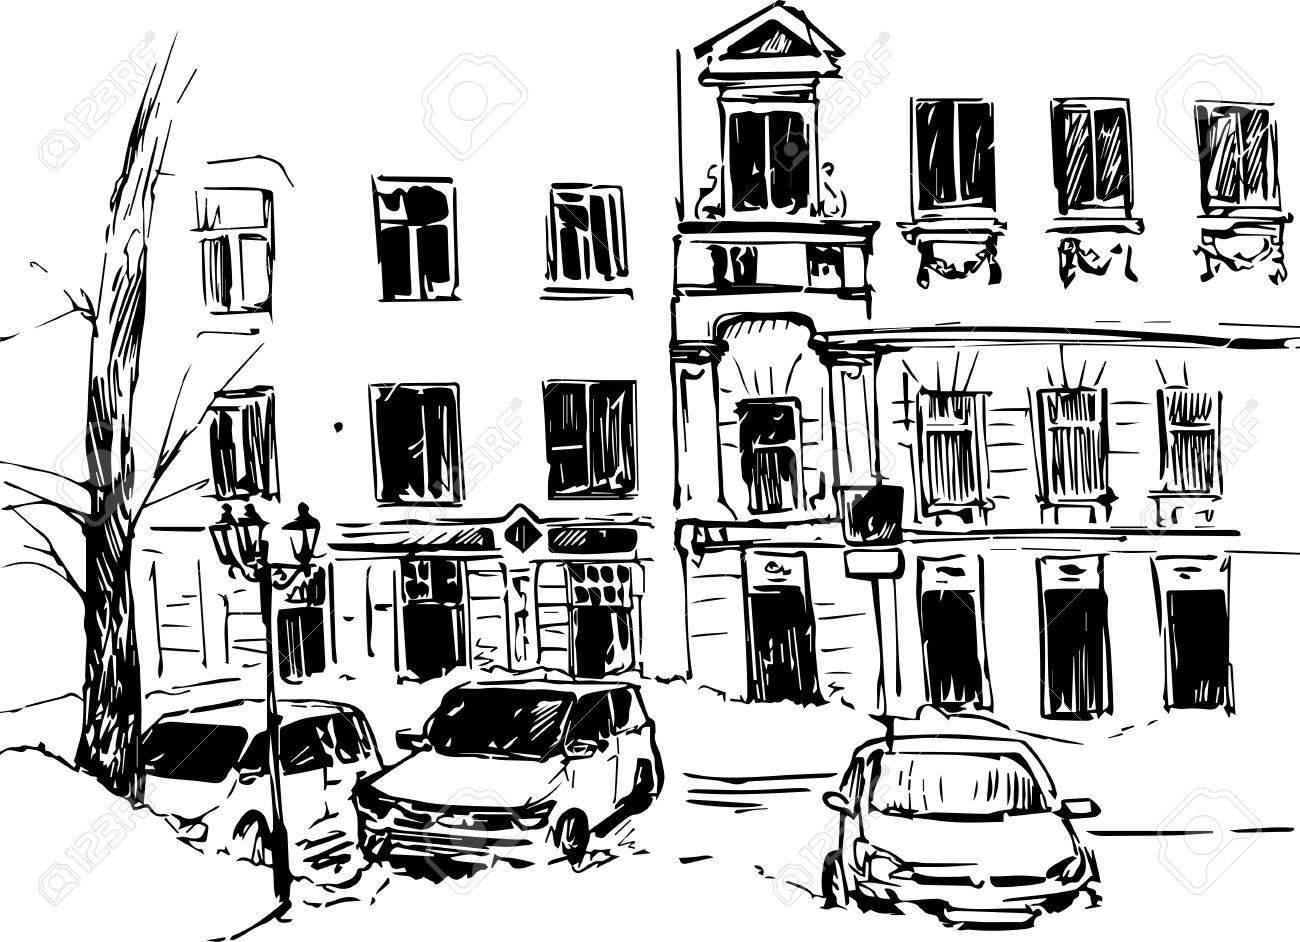 Stadt-Skizze, Stadt Straße Mit Gebäuden, Autos Und Bäume, Von Hand ...